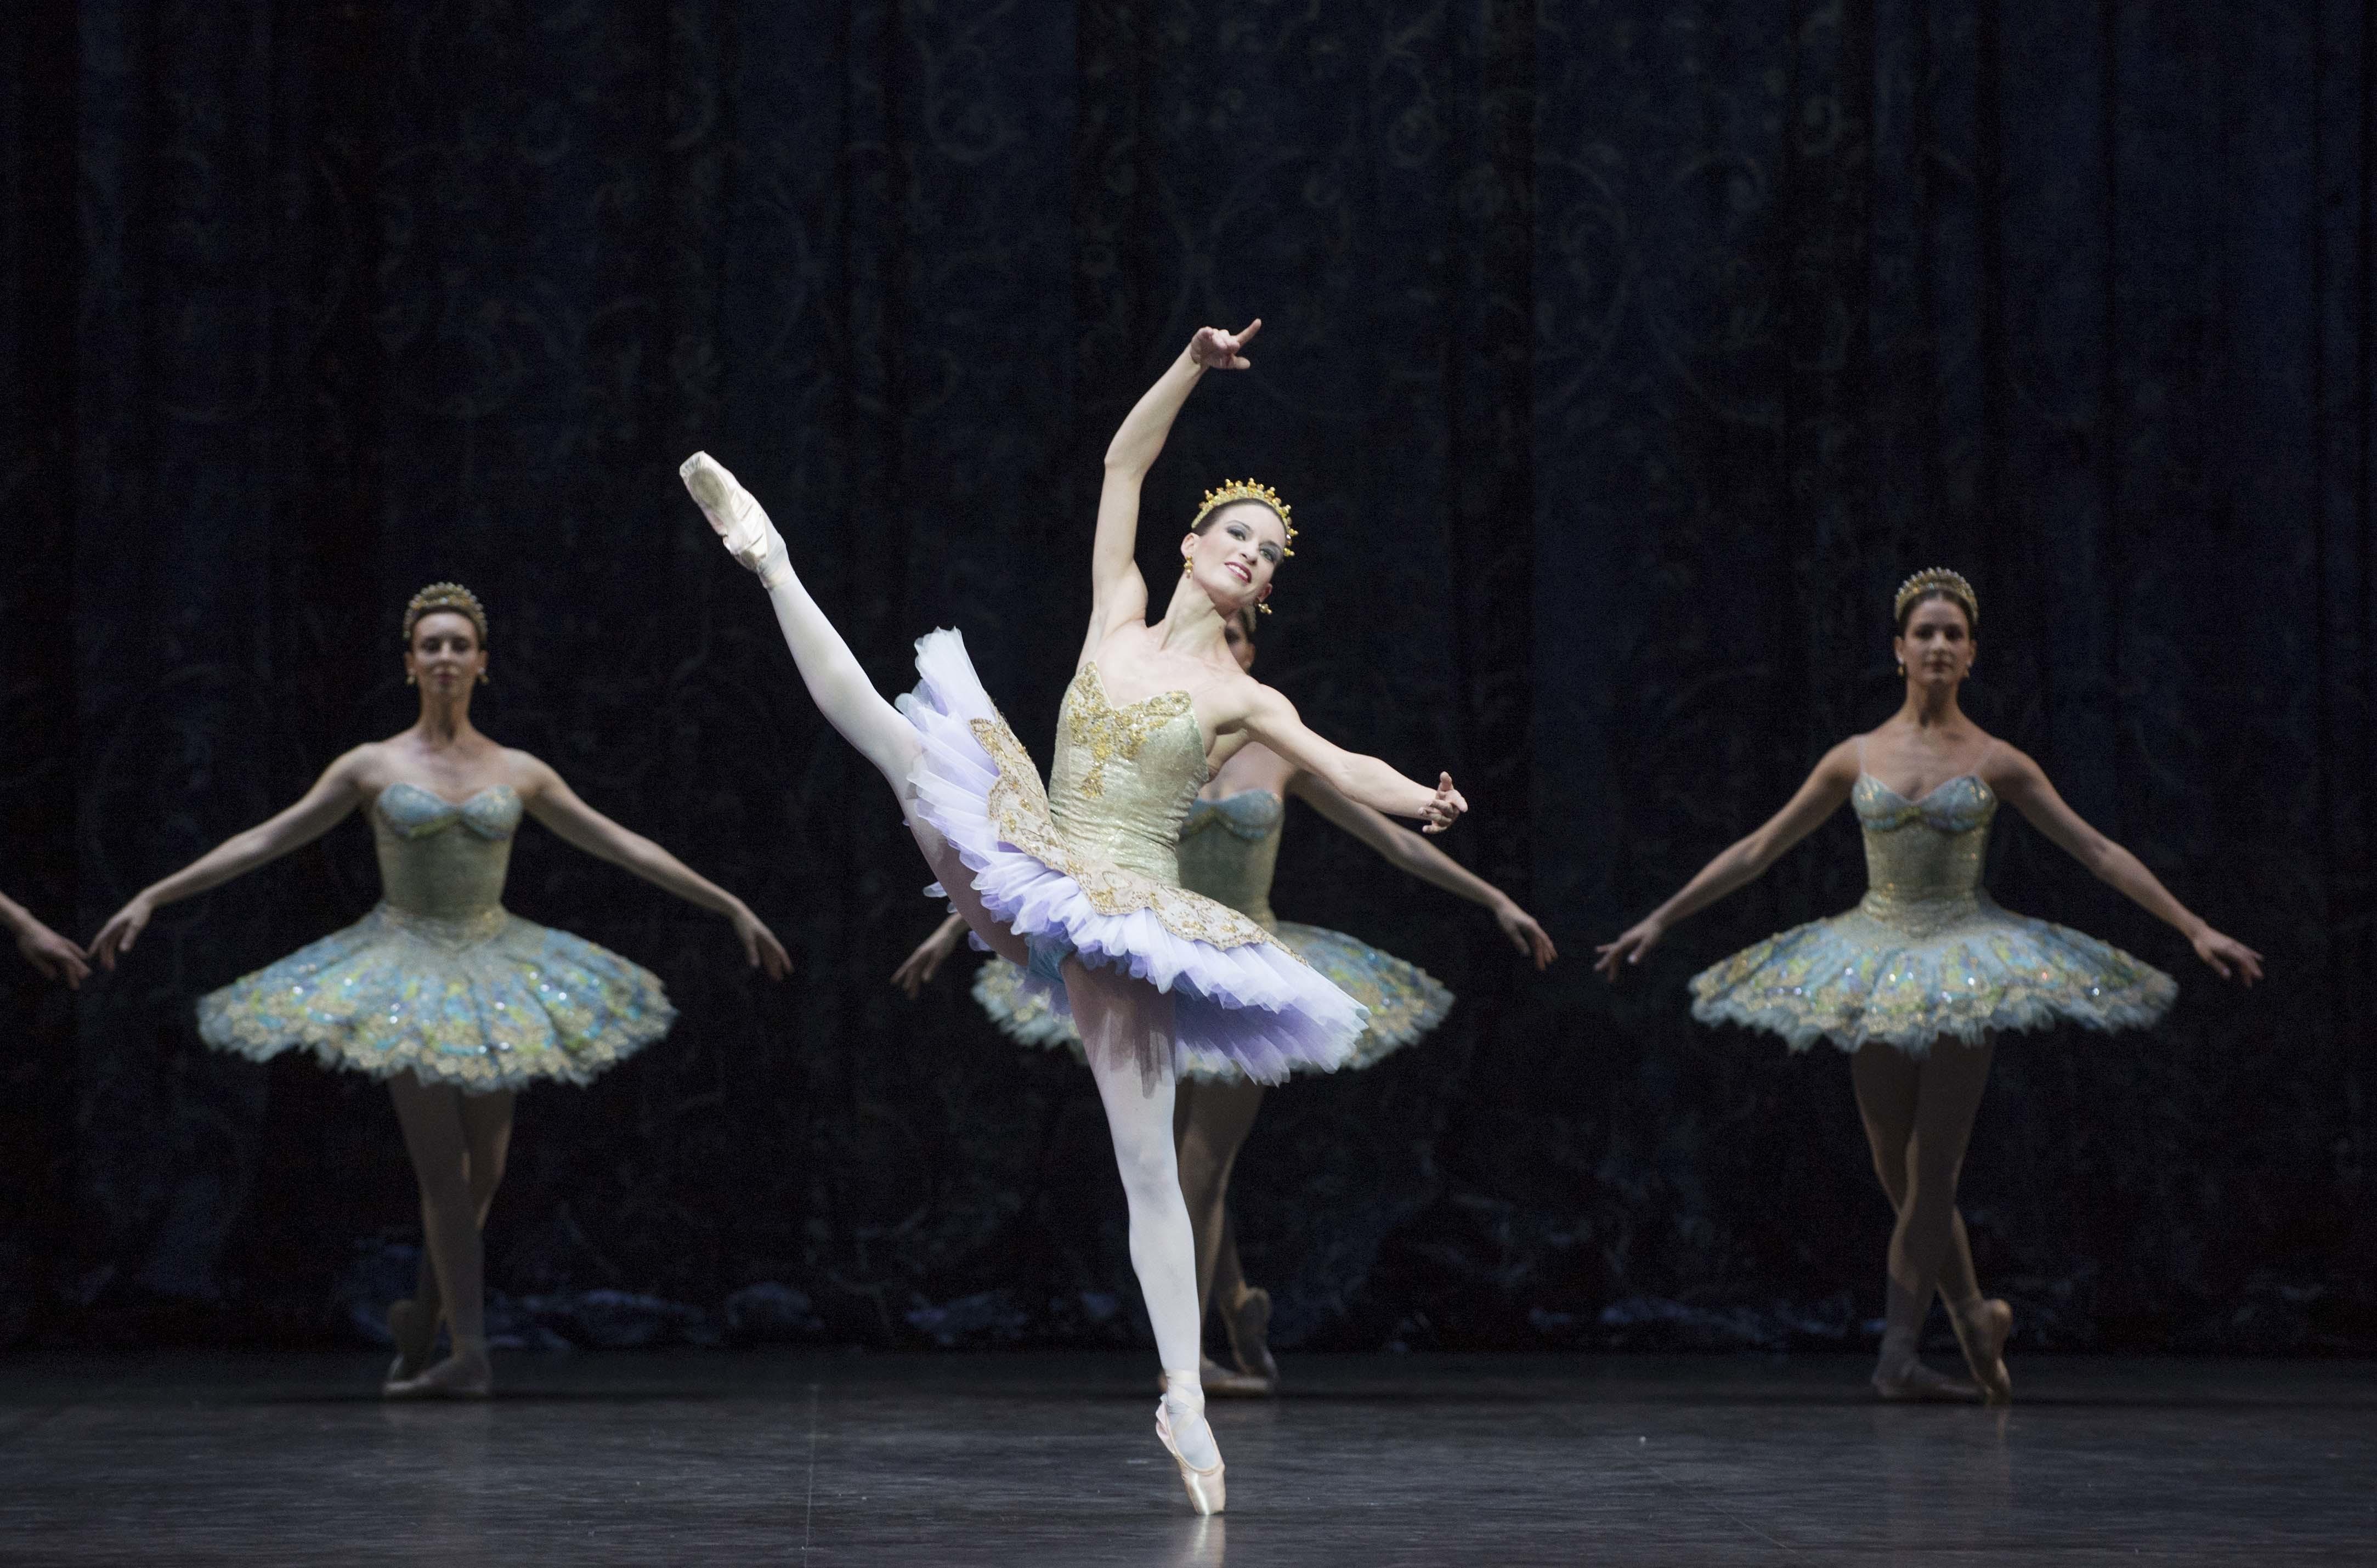 『ドン・キホーテ』© Julien Benhamou / Opéra national de Paris